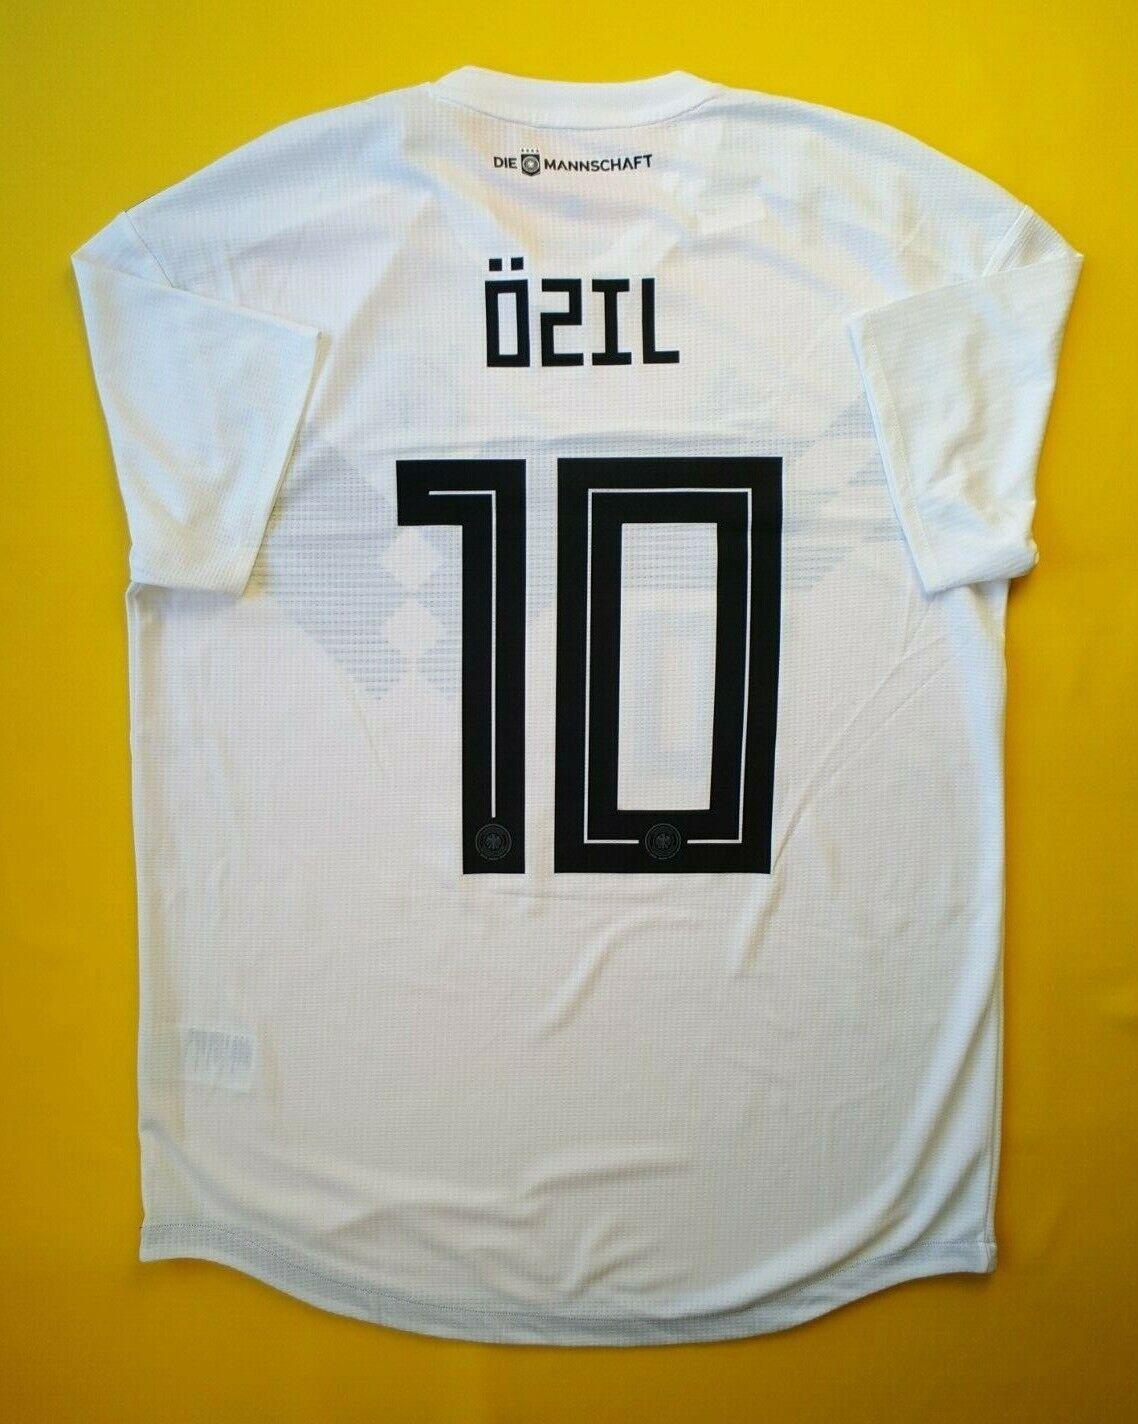 5+ 5 Ozil Alemania Auténtico Fútbol Jersey Camisa grande de 2018 BR7113 Adidas ig93